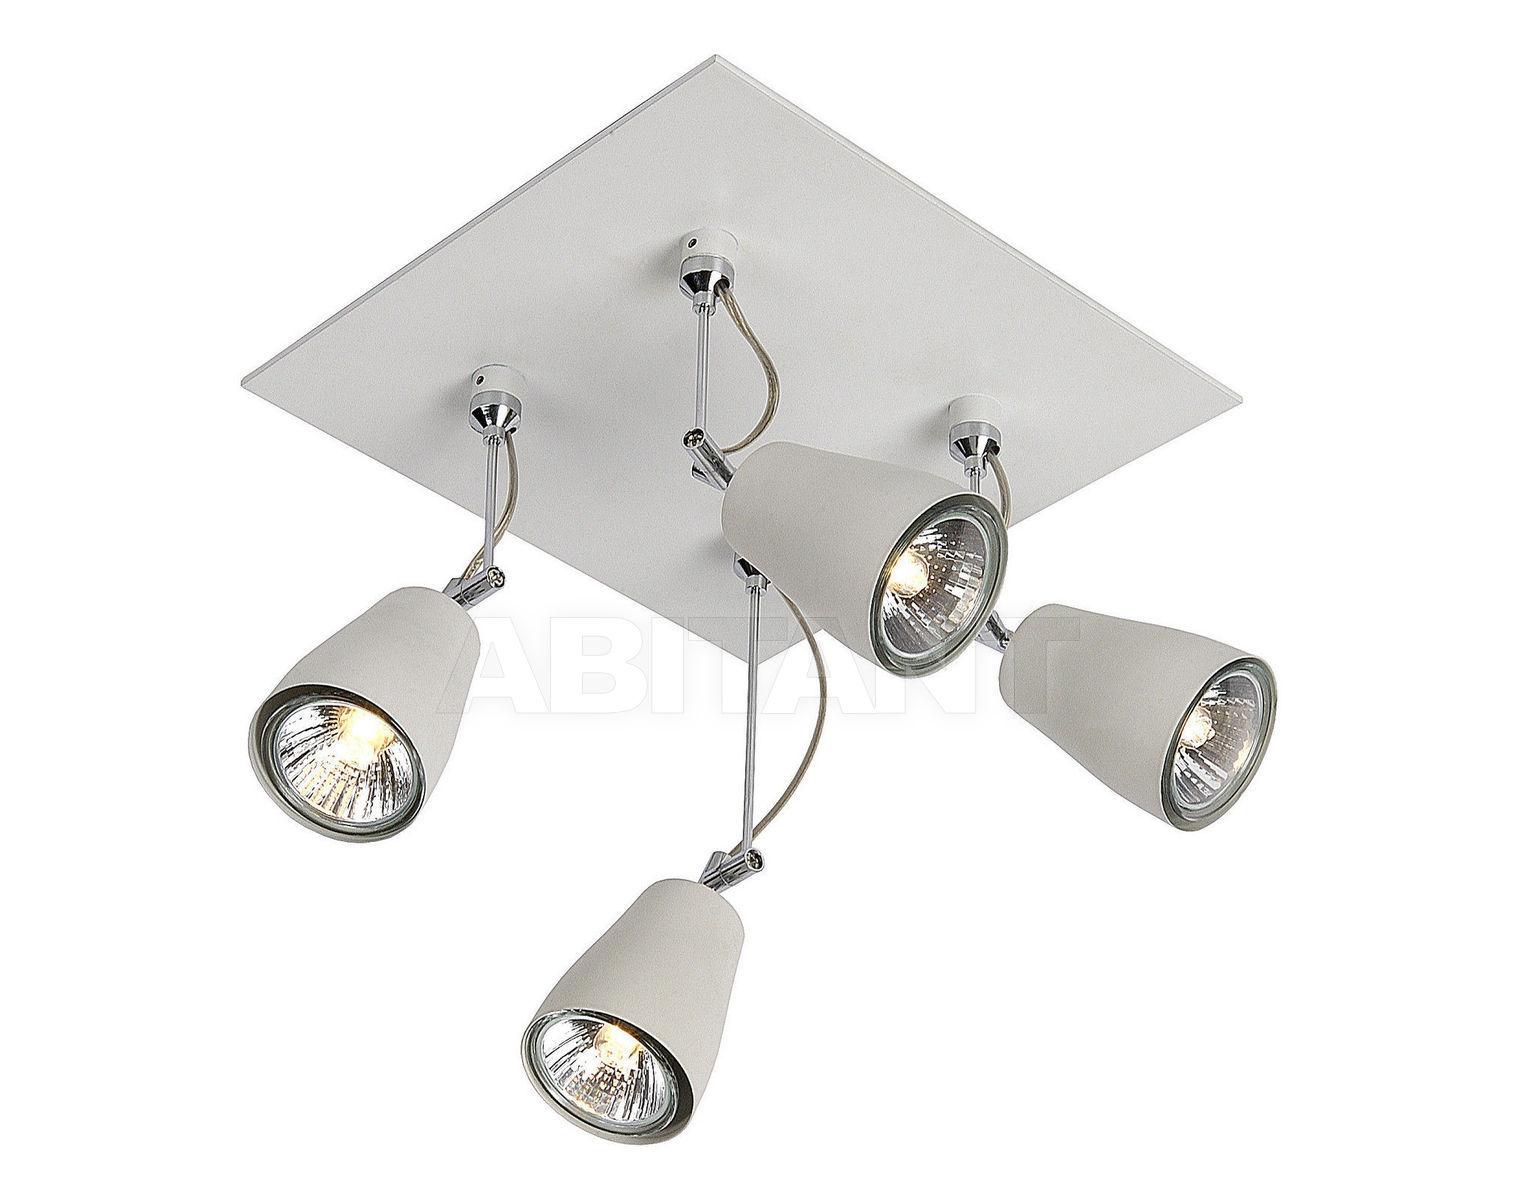 Купить Светильник-спот ELGER Lucide  Ceiling & Wall Lights 11953/14/31